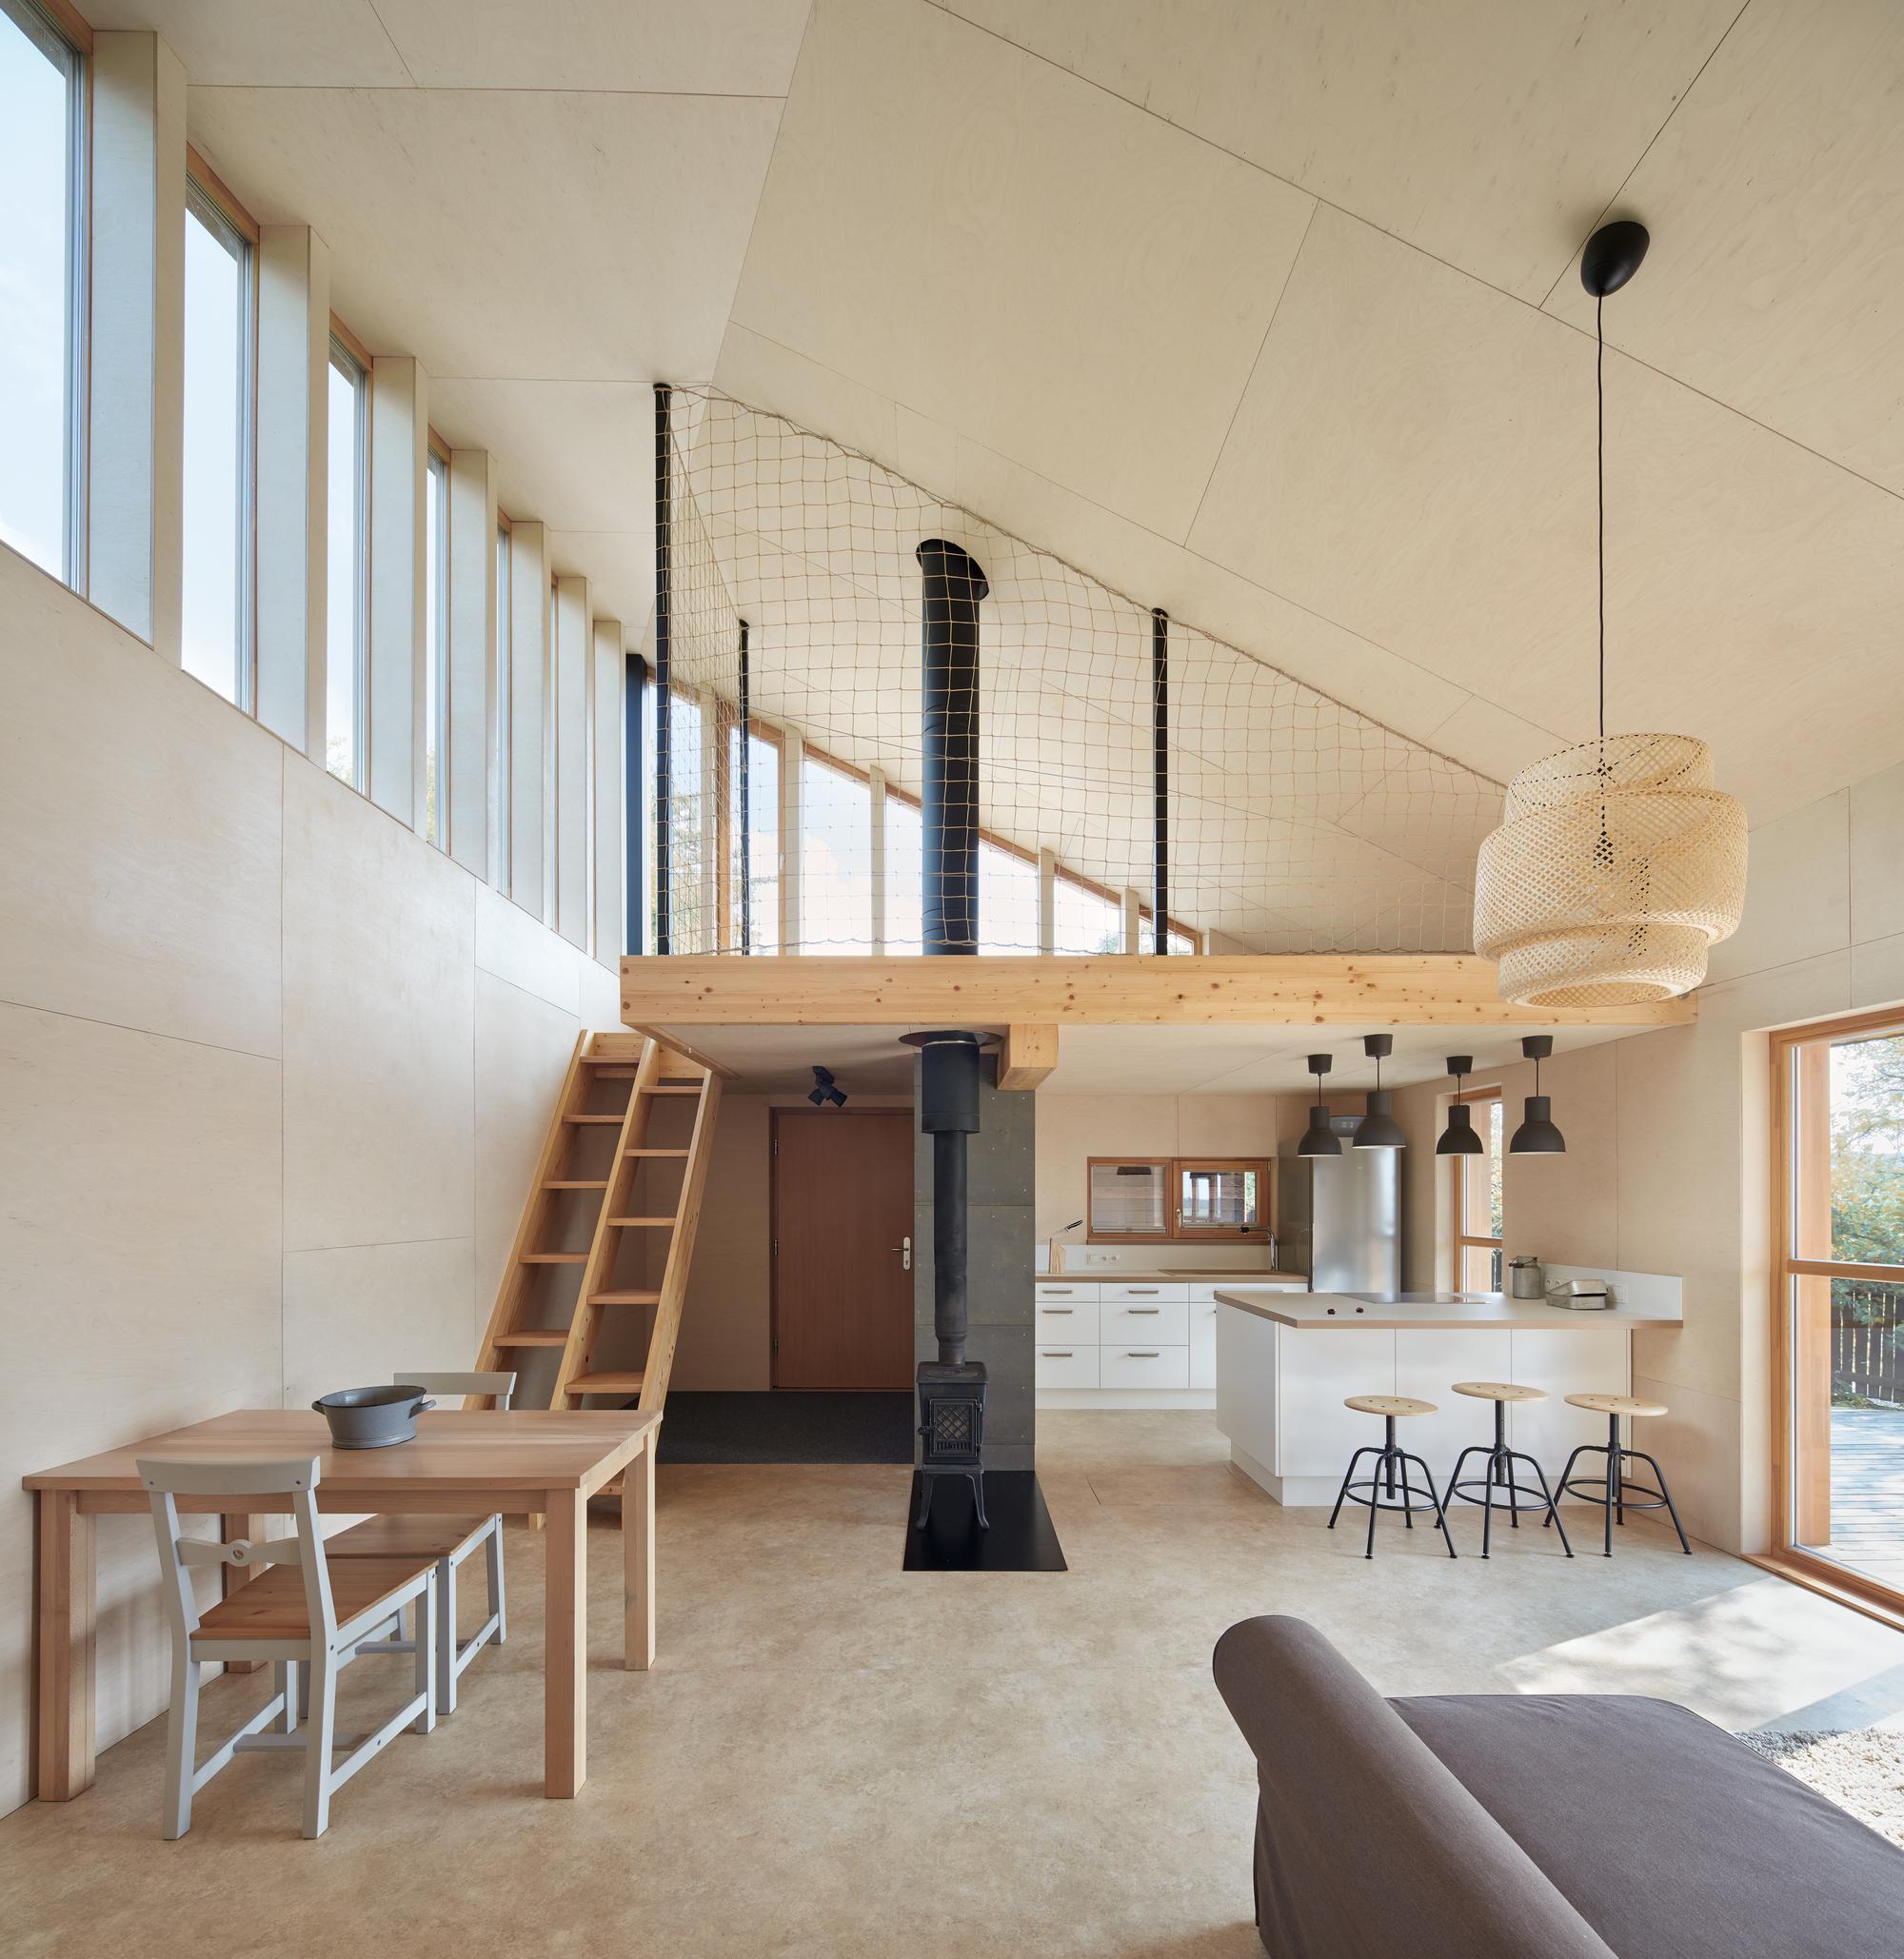 Chestnut House / Valarch Studio